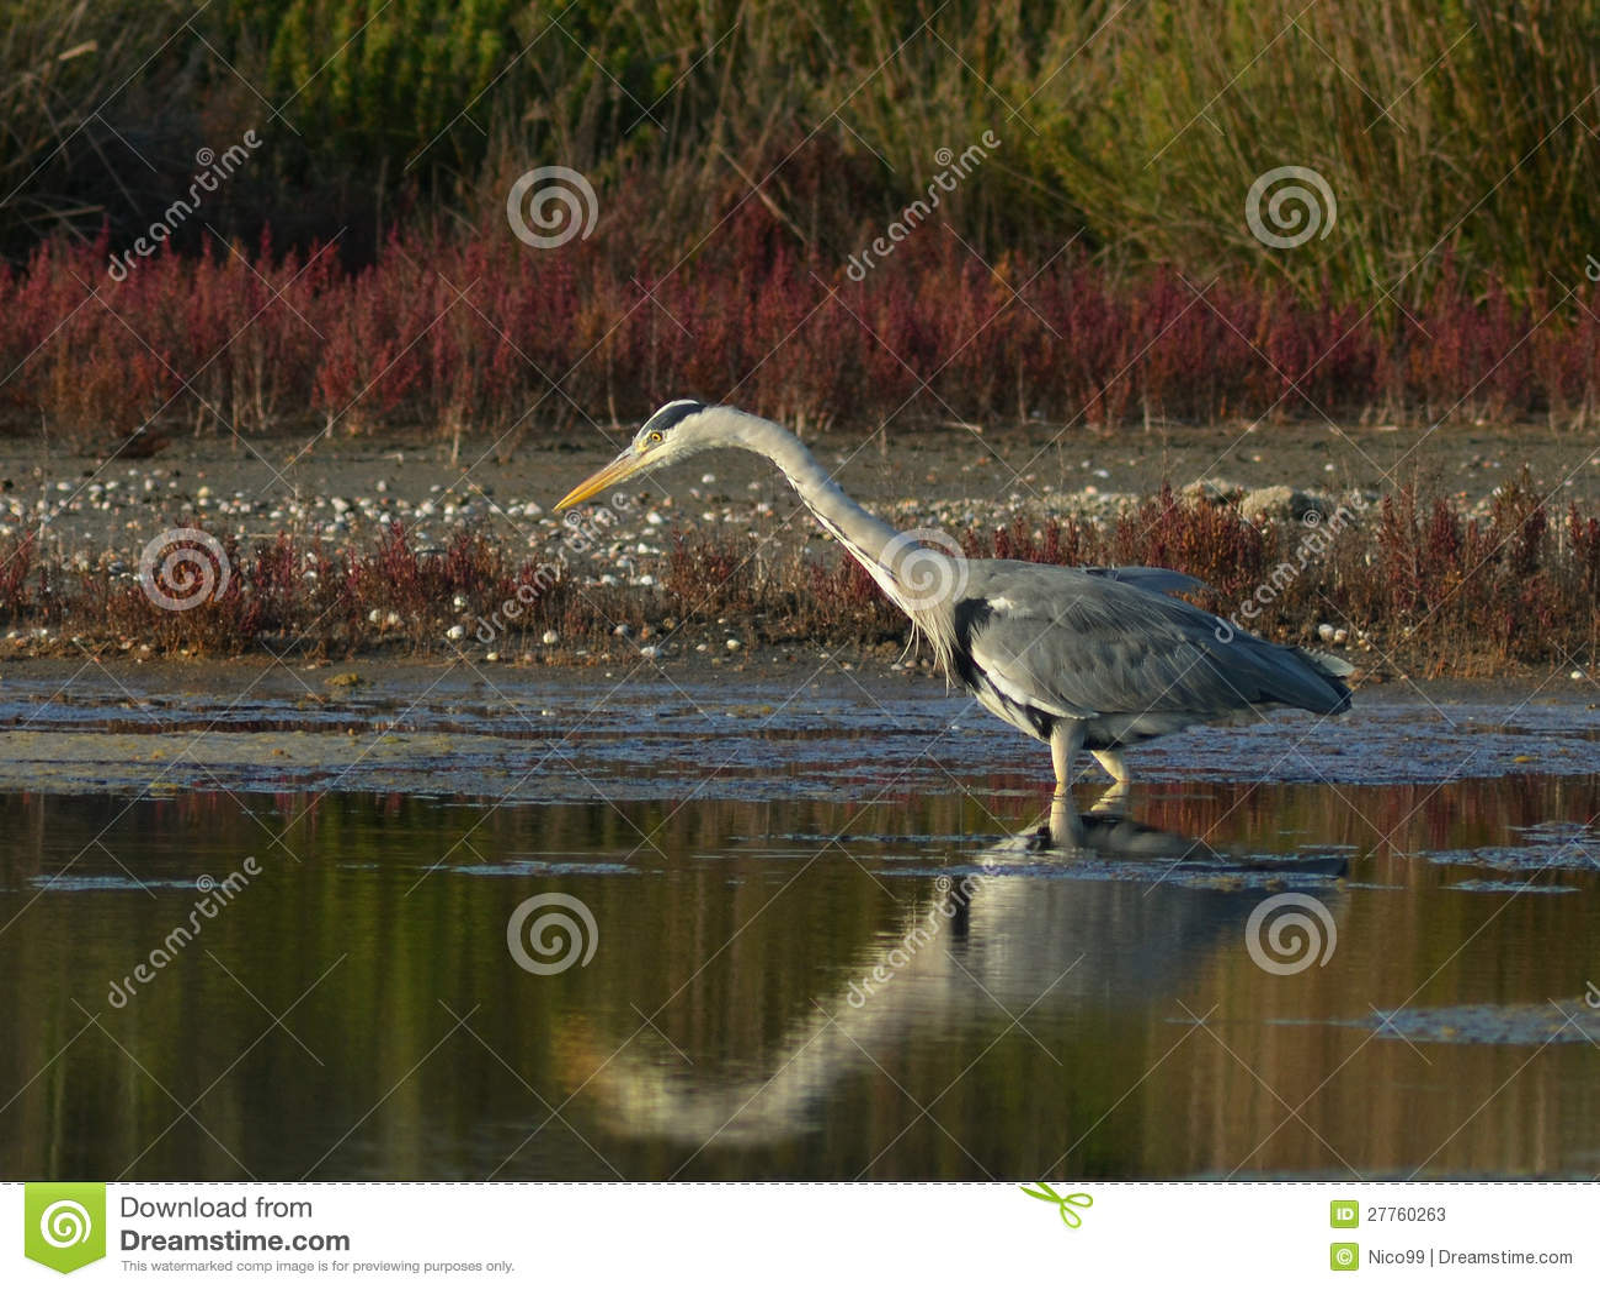 Heron fishing in marsh stock photos image 27760263 for Blue marsh lake fishing